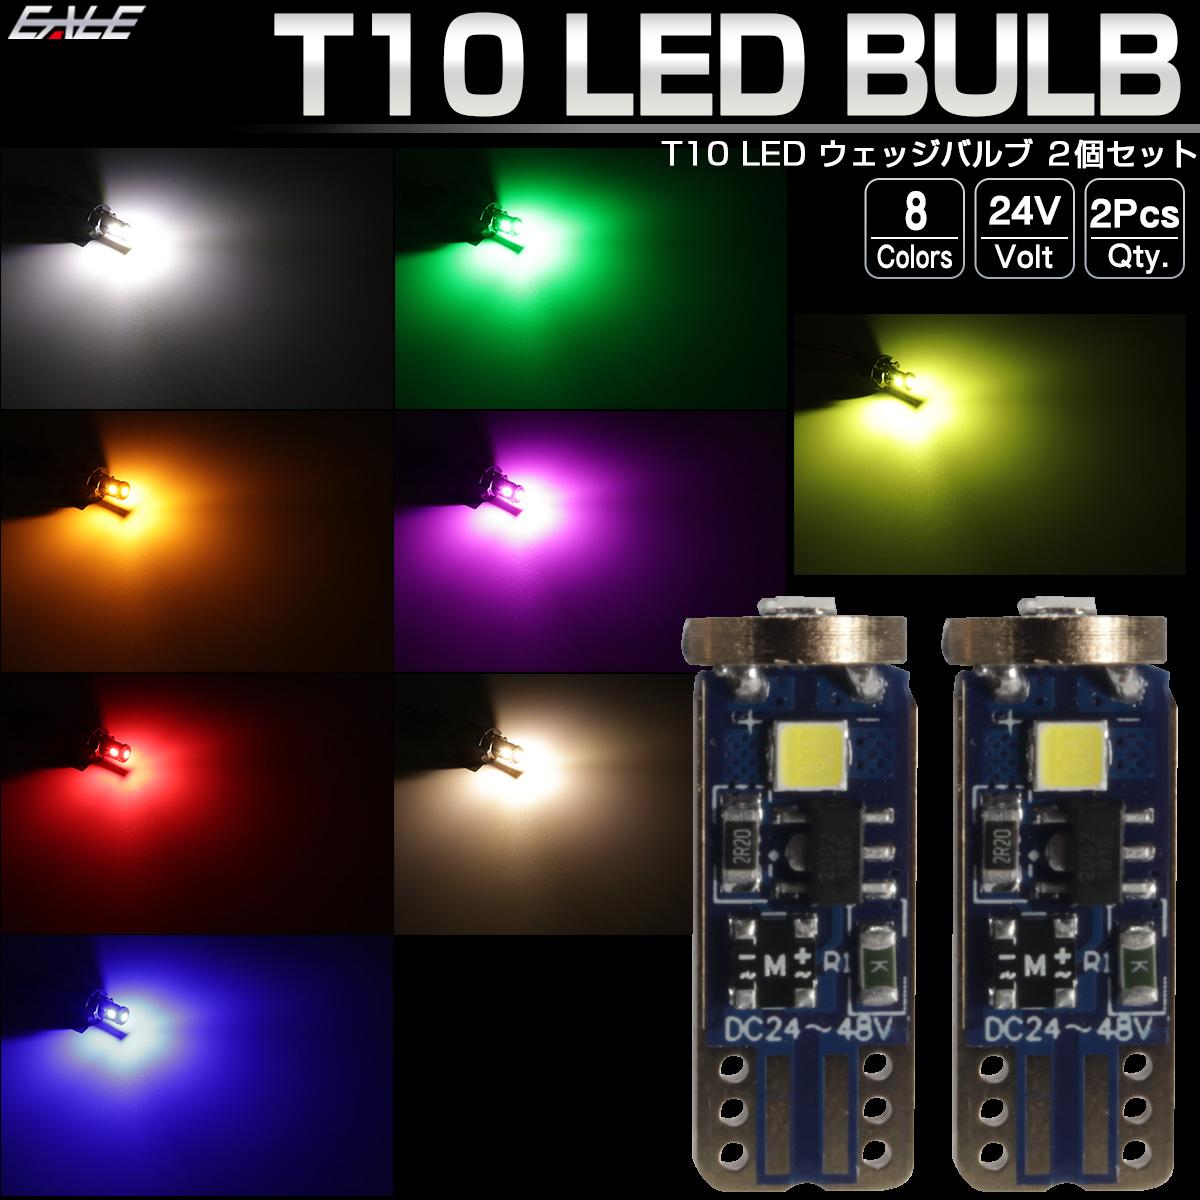 【ネコポス可】 24V専用 T10 LED ウェッジバルブ 2個セット 超コンパクト 小型 3SMD搭載 トラック ポジション球 ライセンスランプに A-155-162